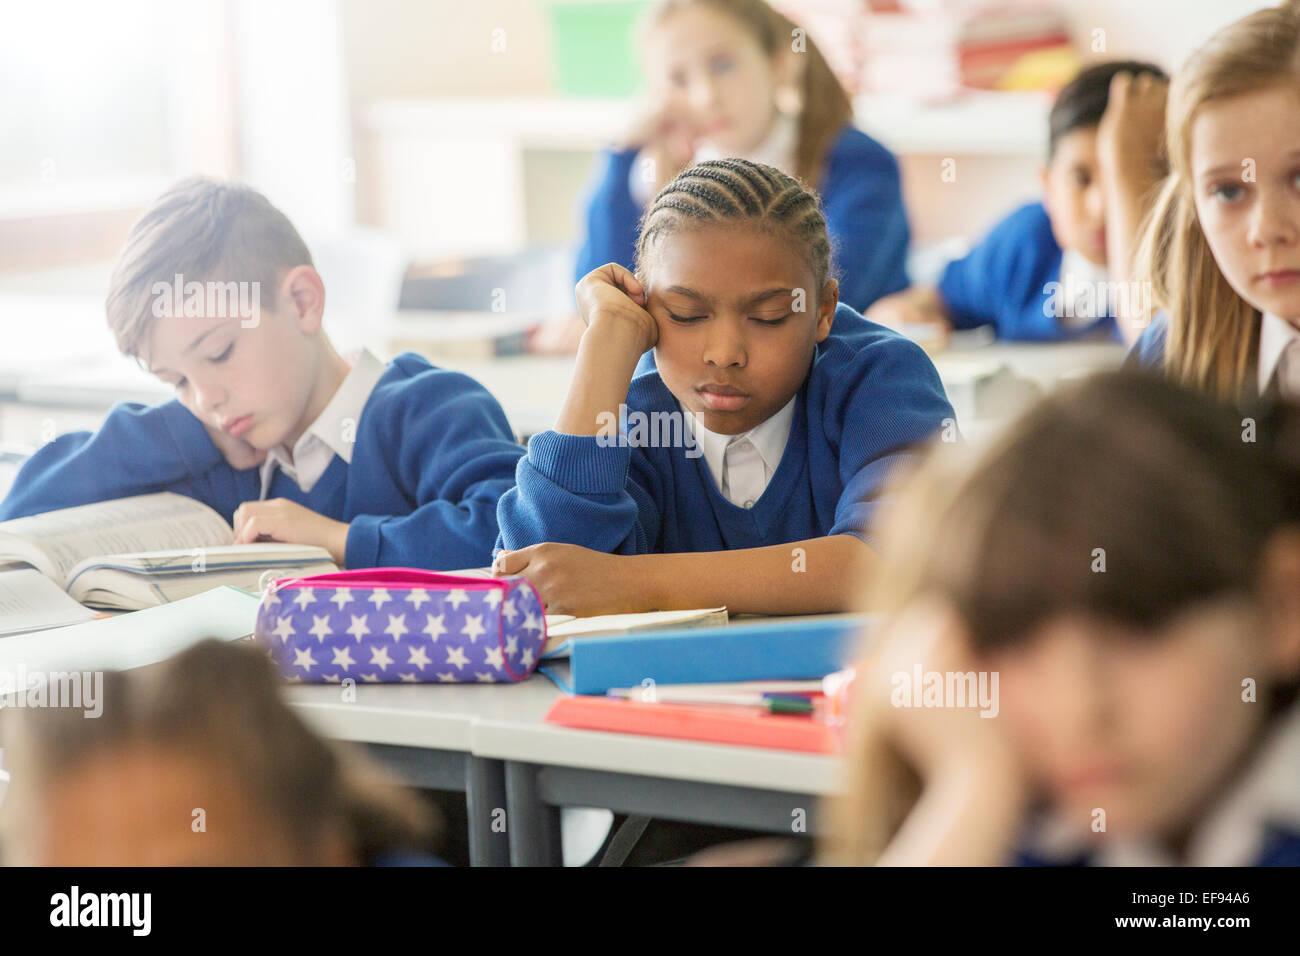 Les enfants de l'école élémentaire endormi et s'ennuient en classe Photo Stock